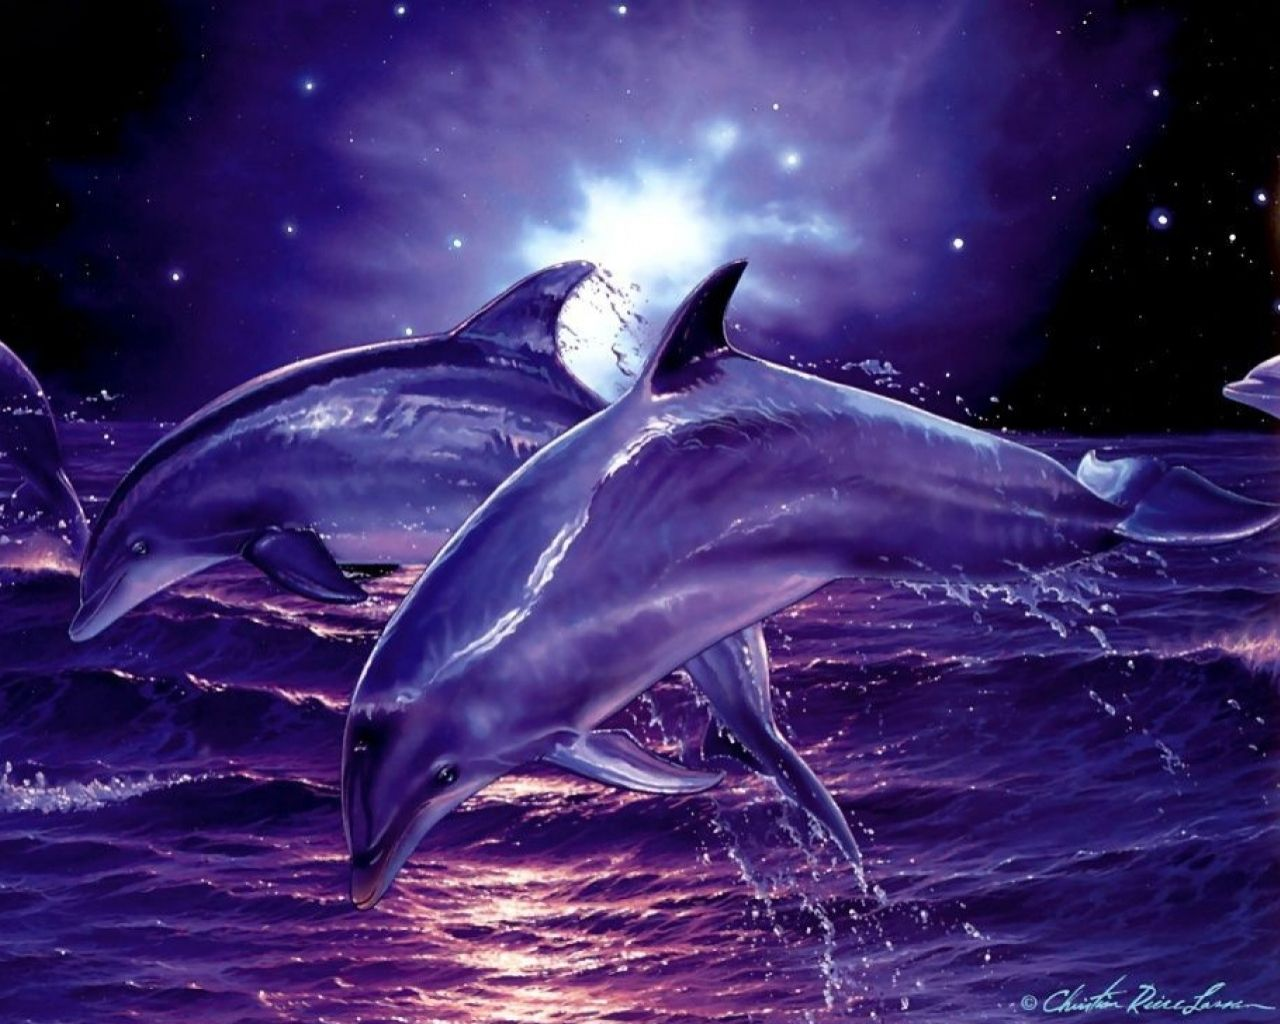 Wallpaper Delphine springen über die Wellen des Meeres | pc ...